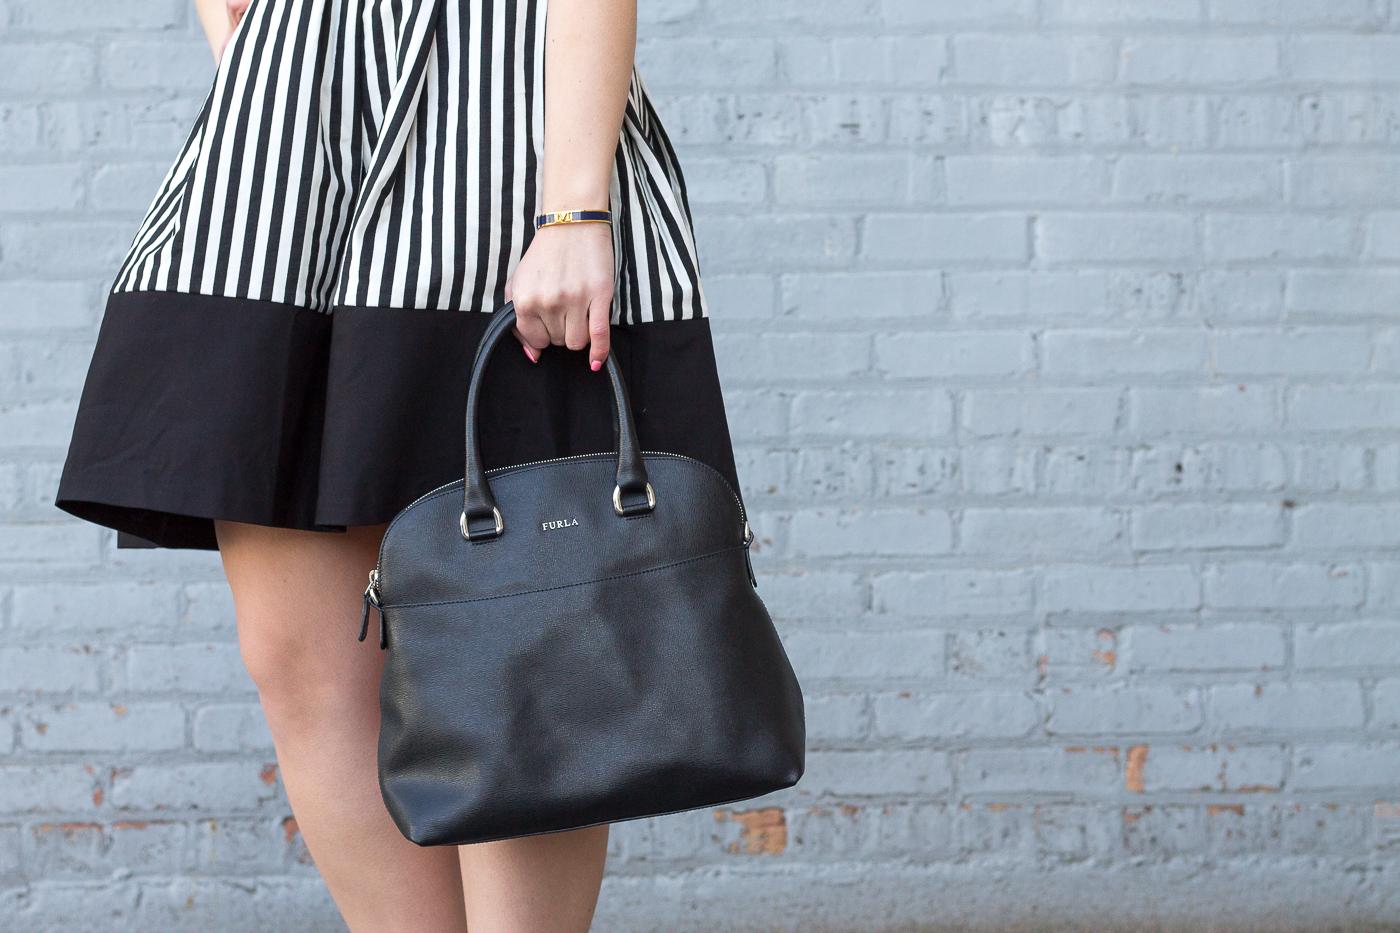 classic furla handbag